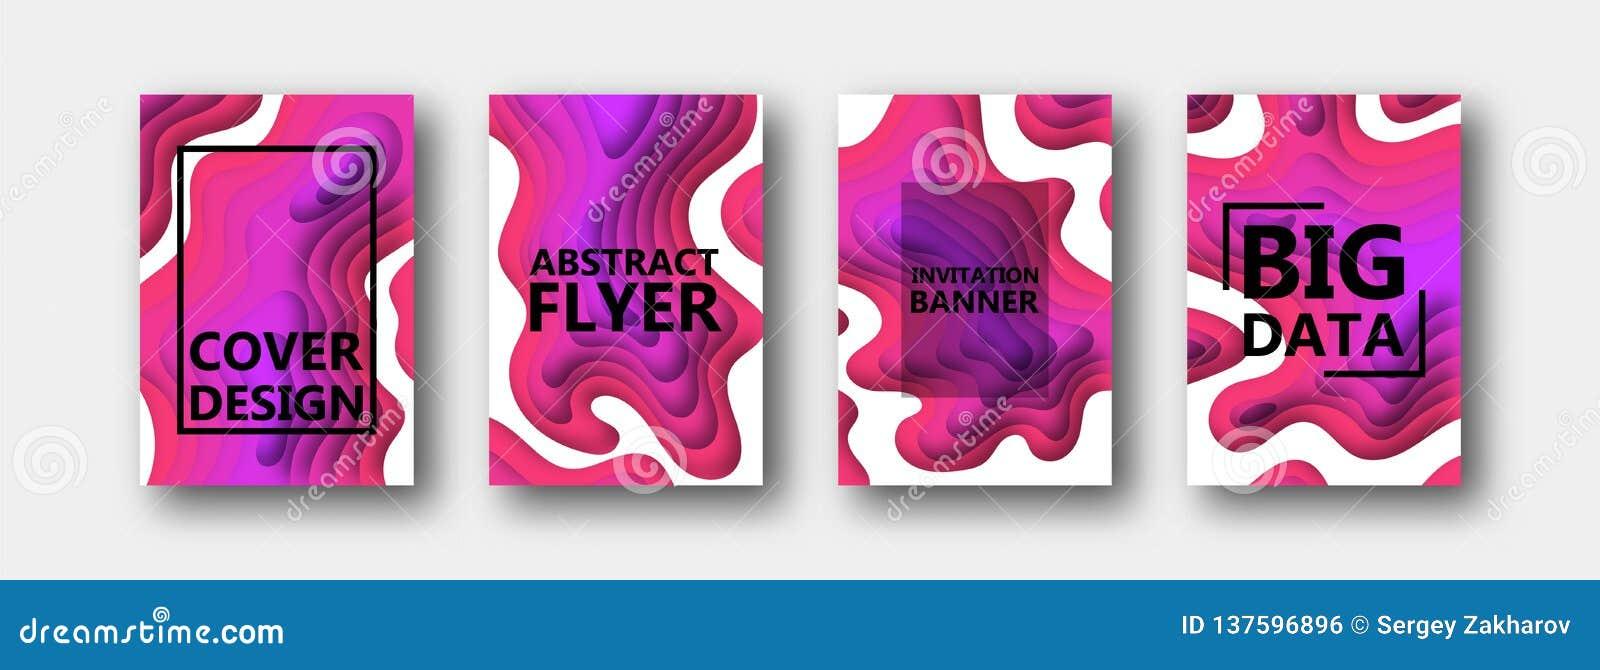 Набор 4 вариантов для знамен, летчиков, брошюр, карт, плакатов для вашего дизайна, в красном, пурпурный, розового, тонов сирени